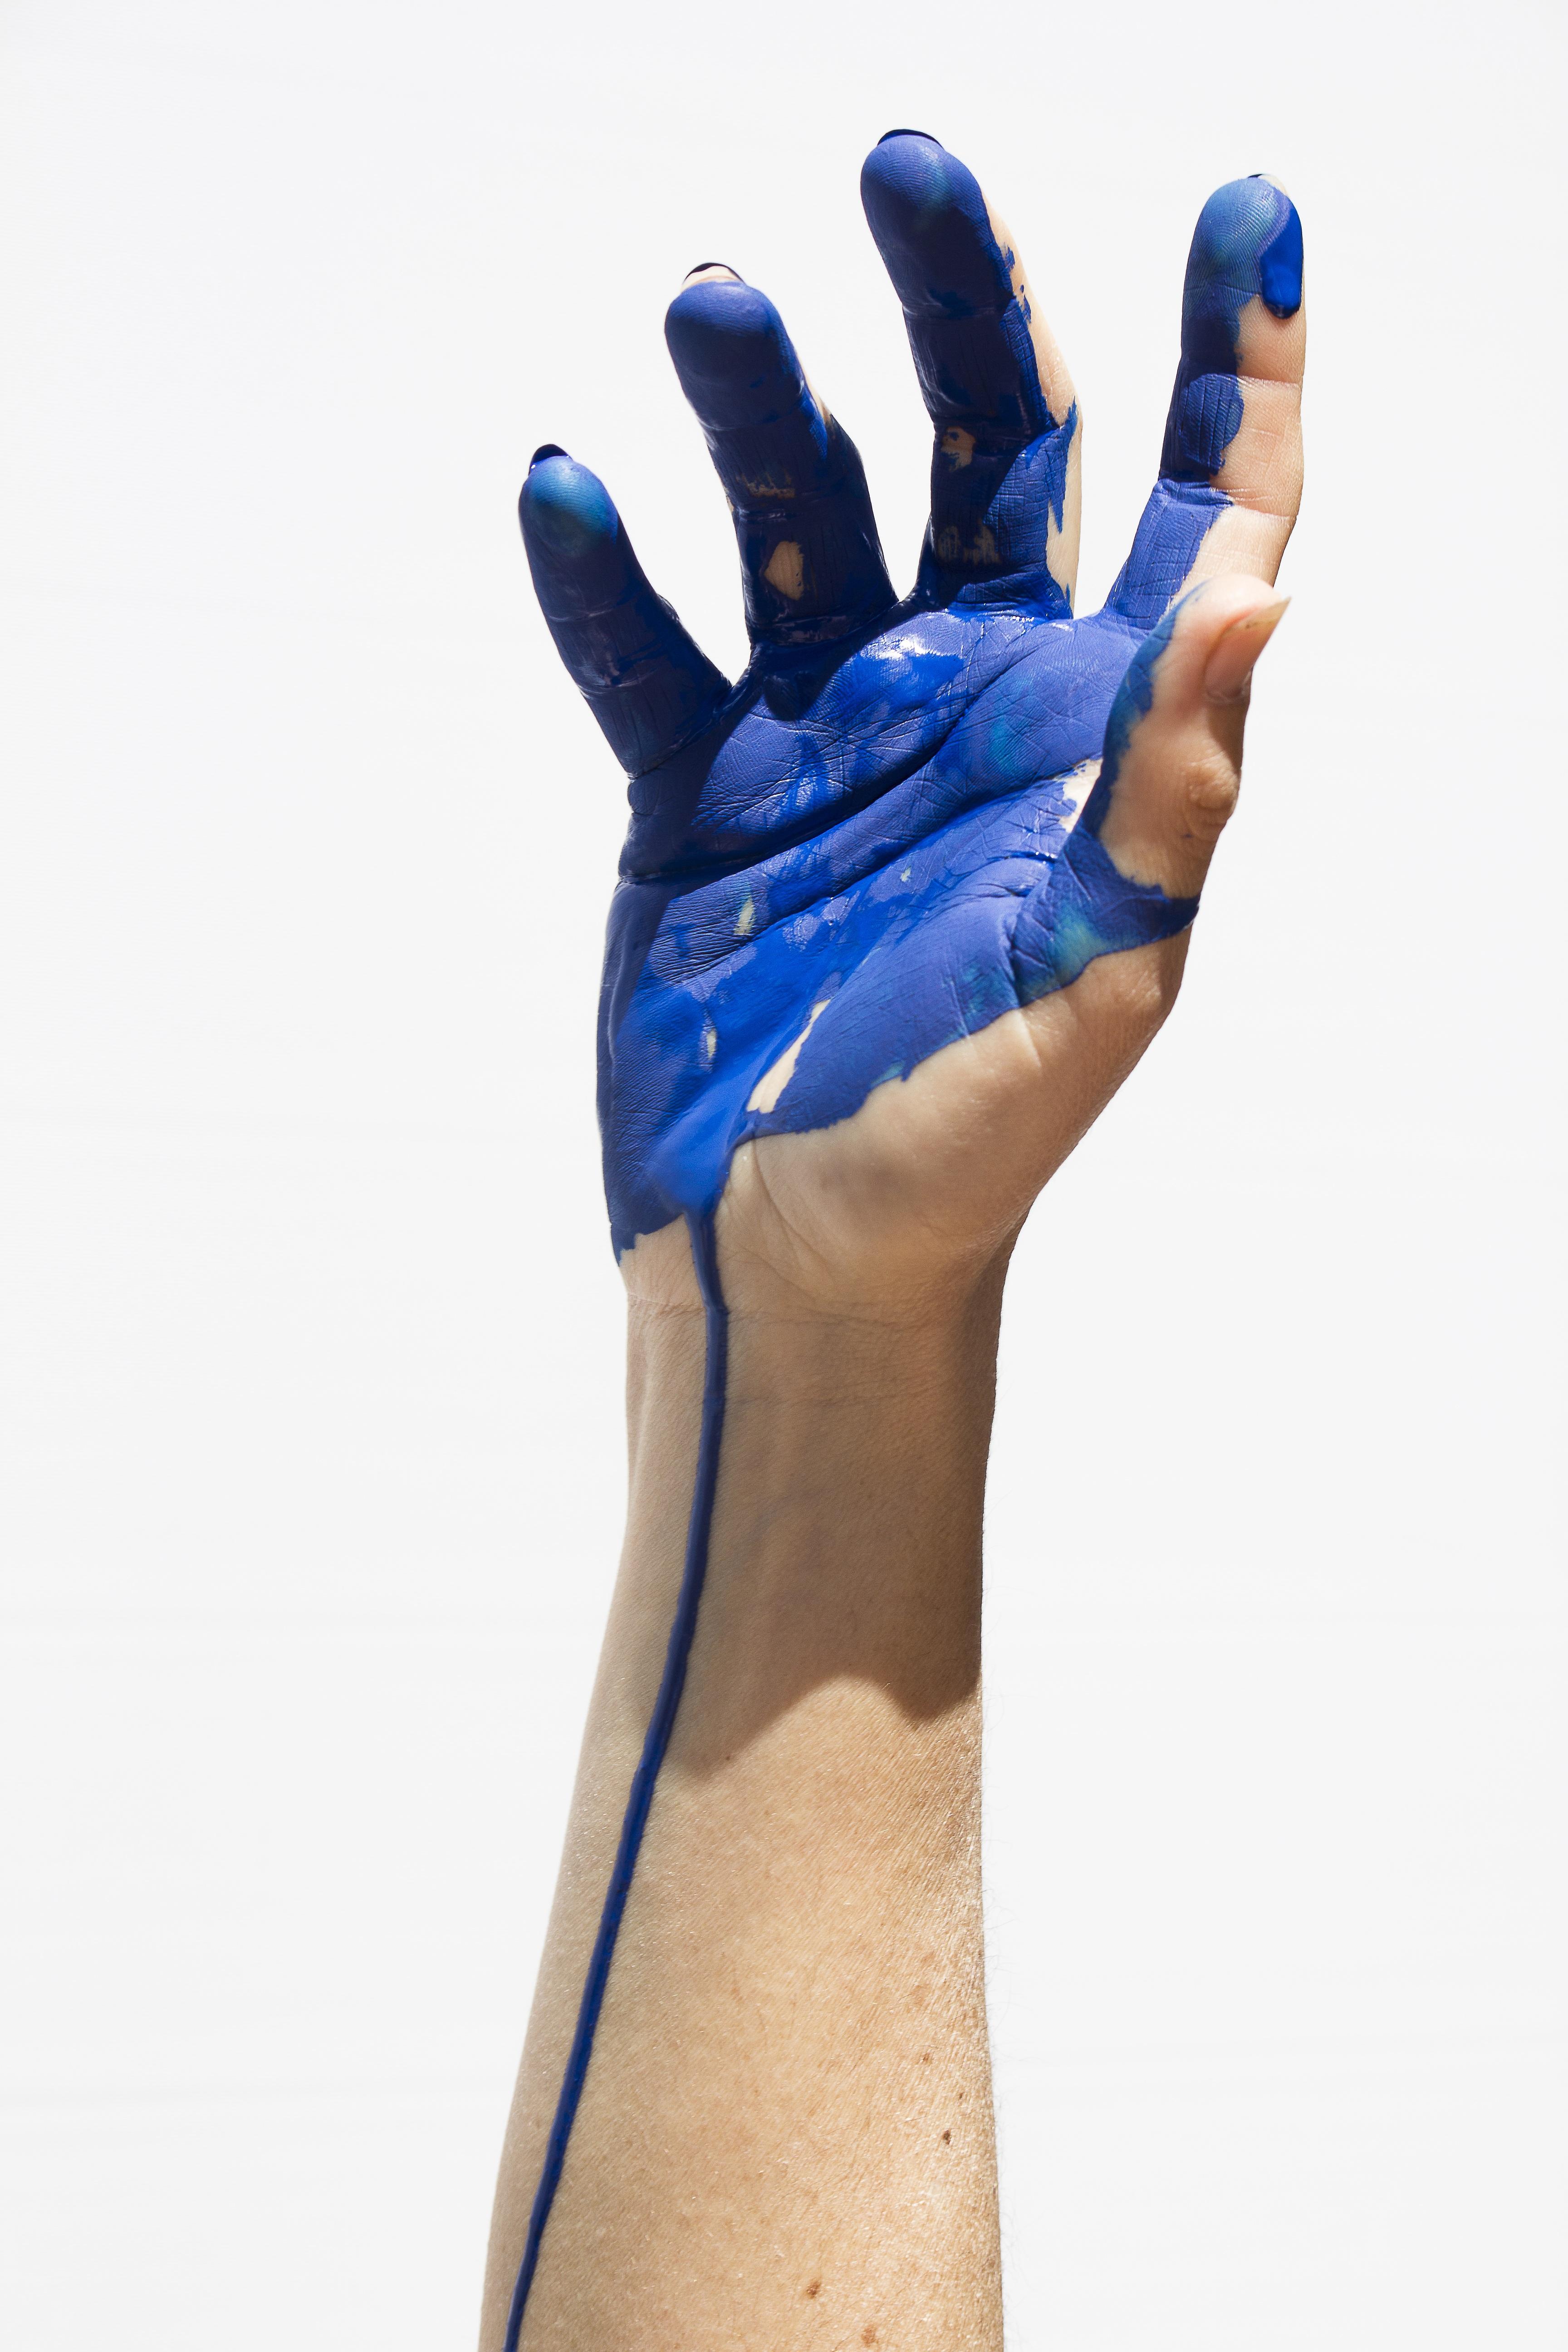 Fotoğraf El Bacak Parmak Renk Mavi Giyim Kol Boyama Insan